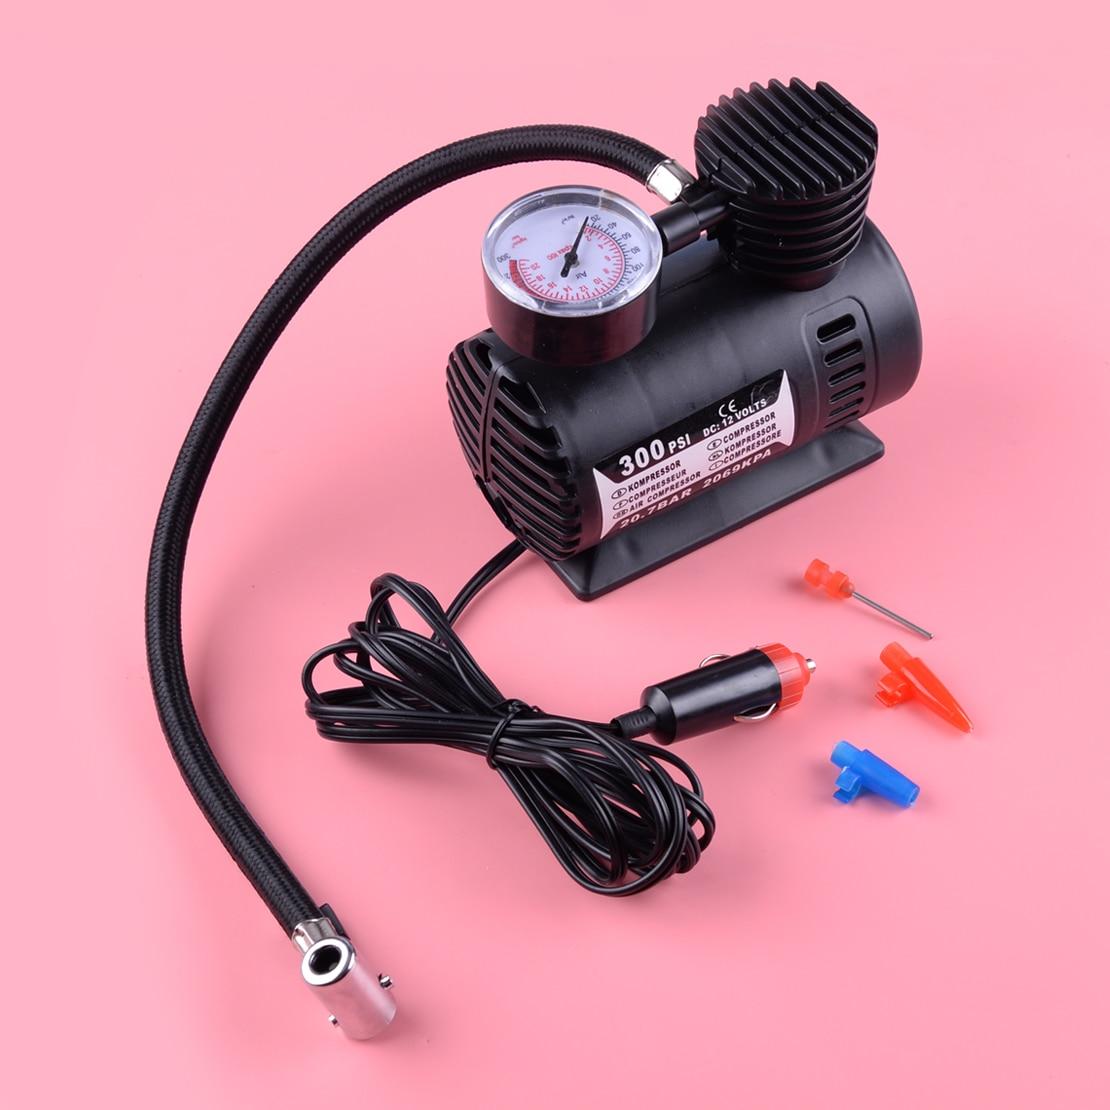 LETAOSK 1Pcs Black 300PSI 12V Portable Mini Air Compressor Auto Car Electric Tire Air Inflator Pump Tool